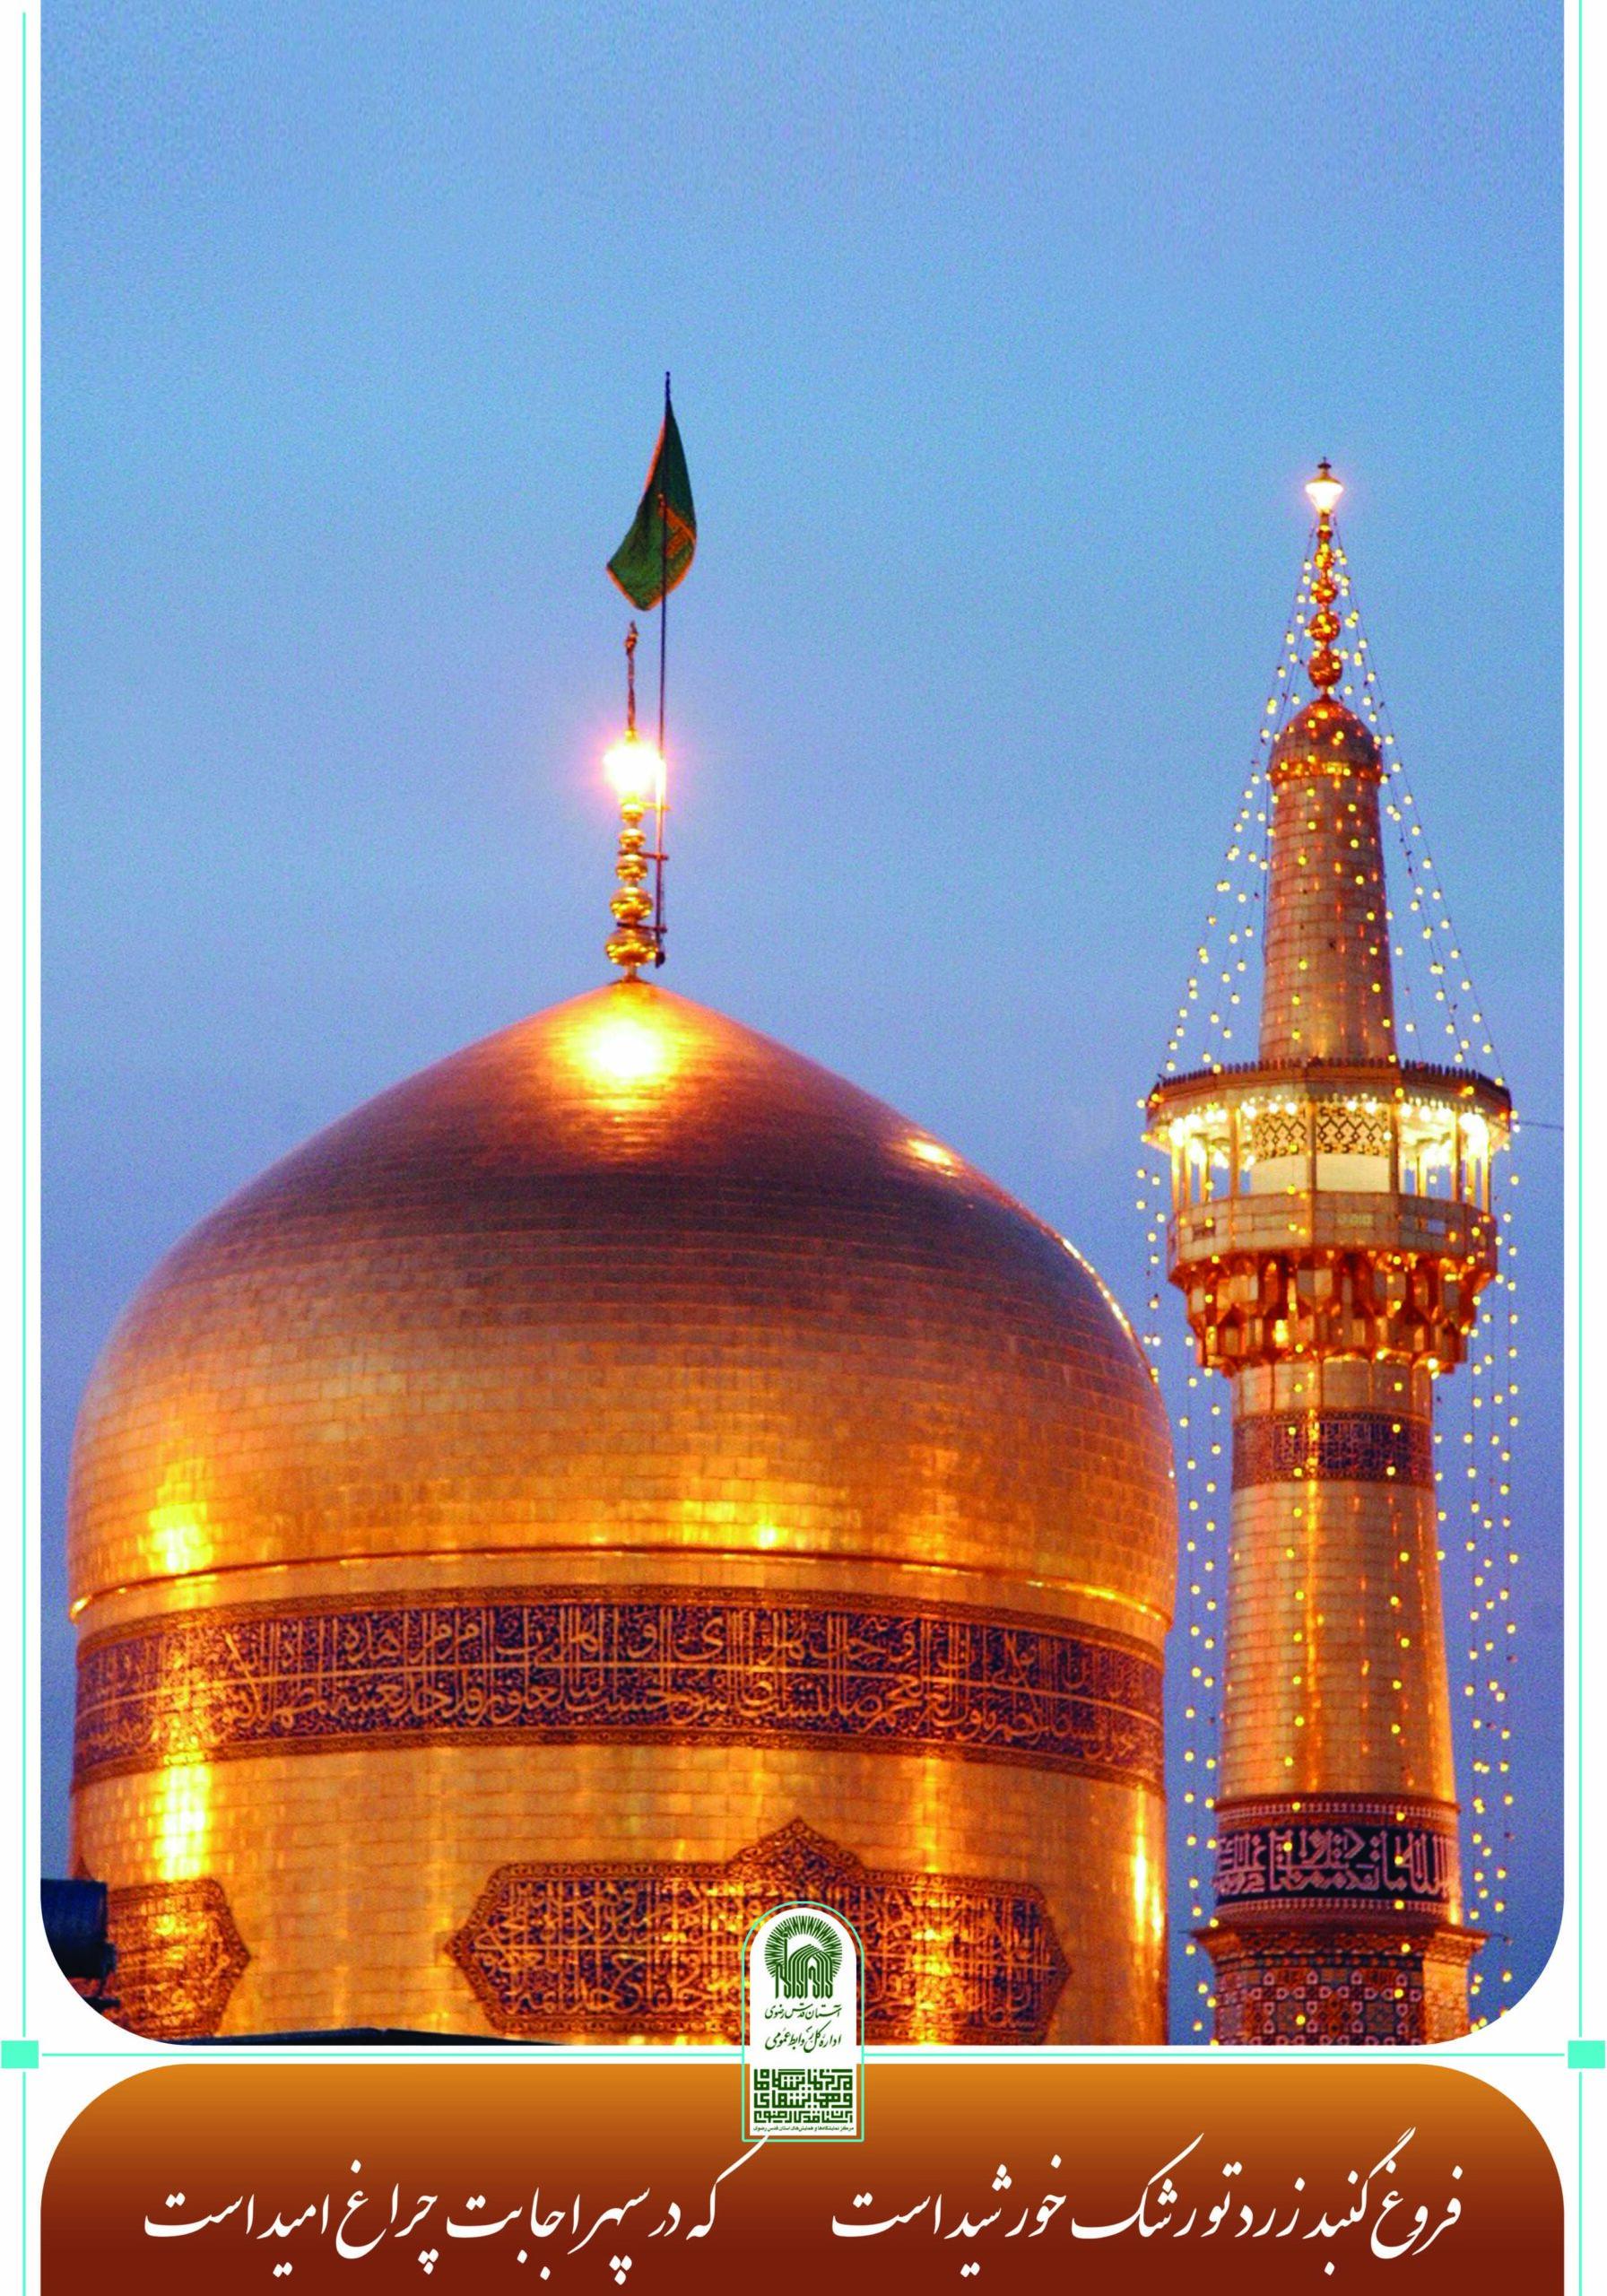 پوستر امام رضا (ع) دانلود دانلود رایگان پوستر زیارت امام رضا (ع) + تصاویر 9997 scaled